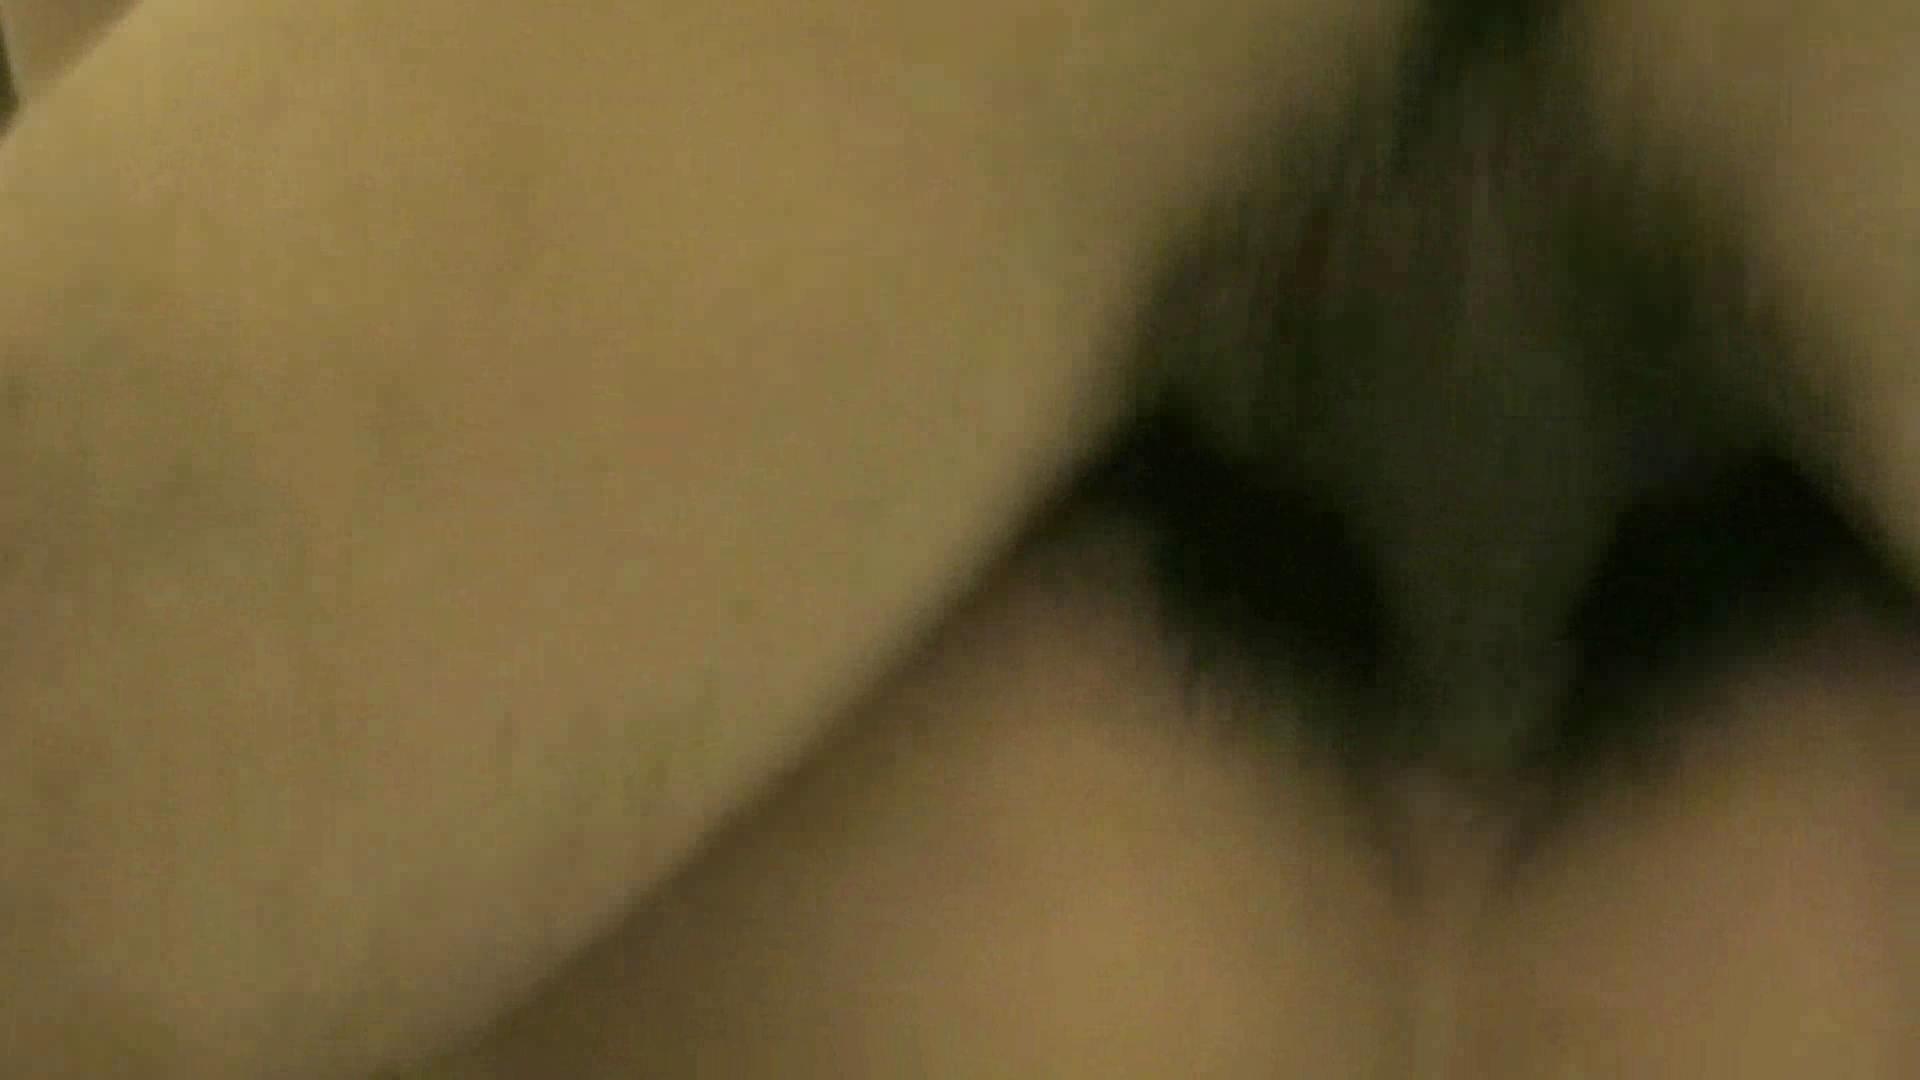 最愛の妻 TAKAKO 愛のSEX Vol.01 SEX映像 盗撮動画紹介 63pic 55